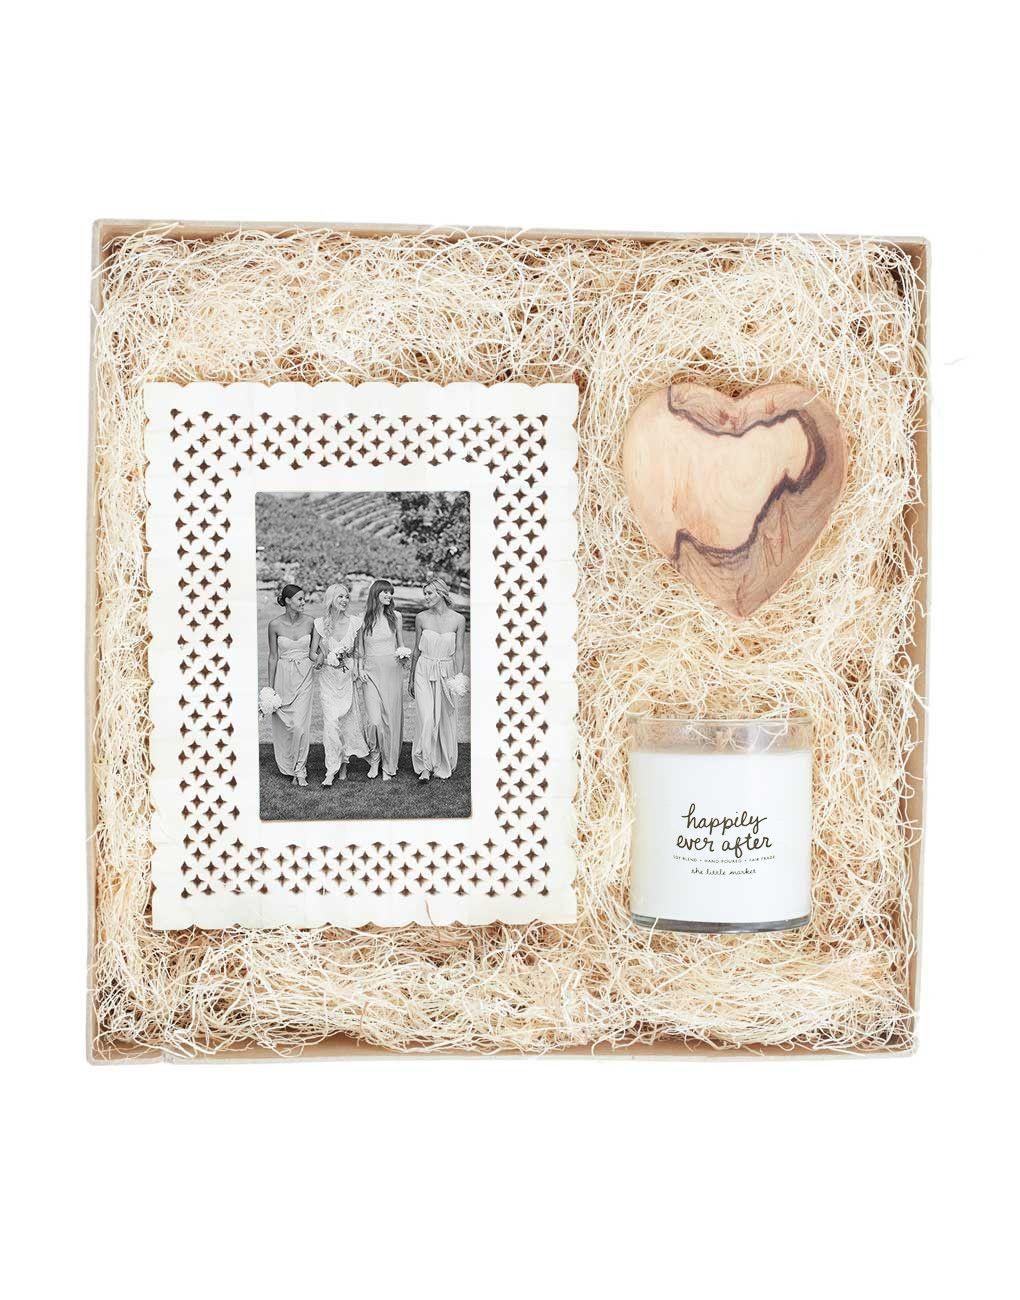 Fair trade wedding gift box the little market gifts pinterest